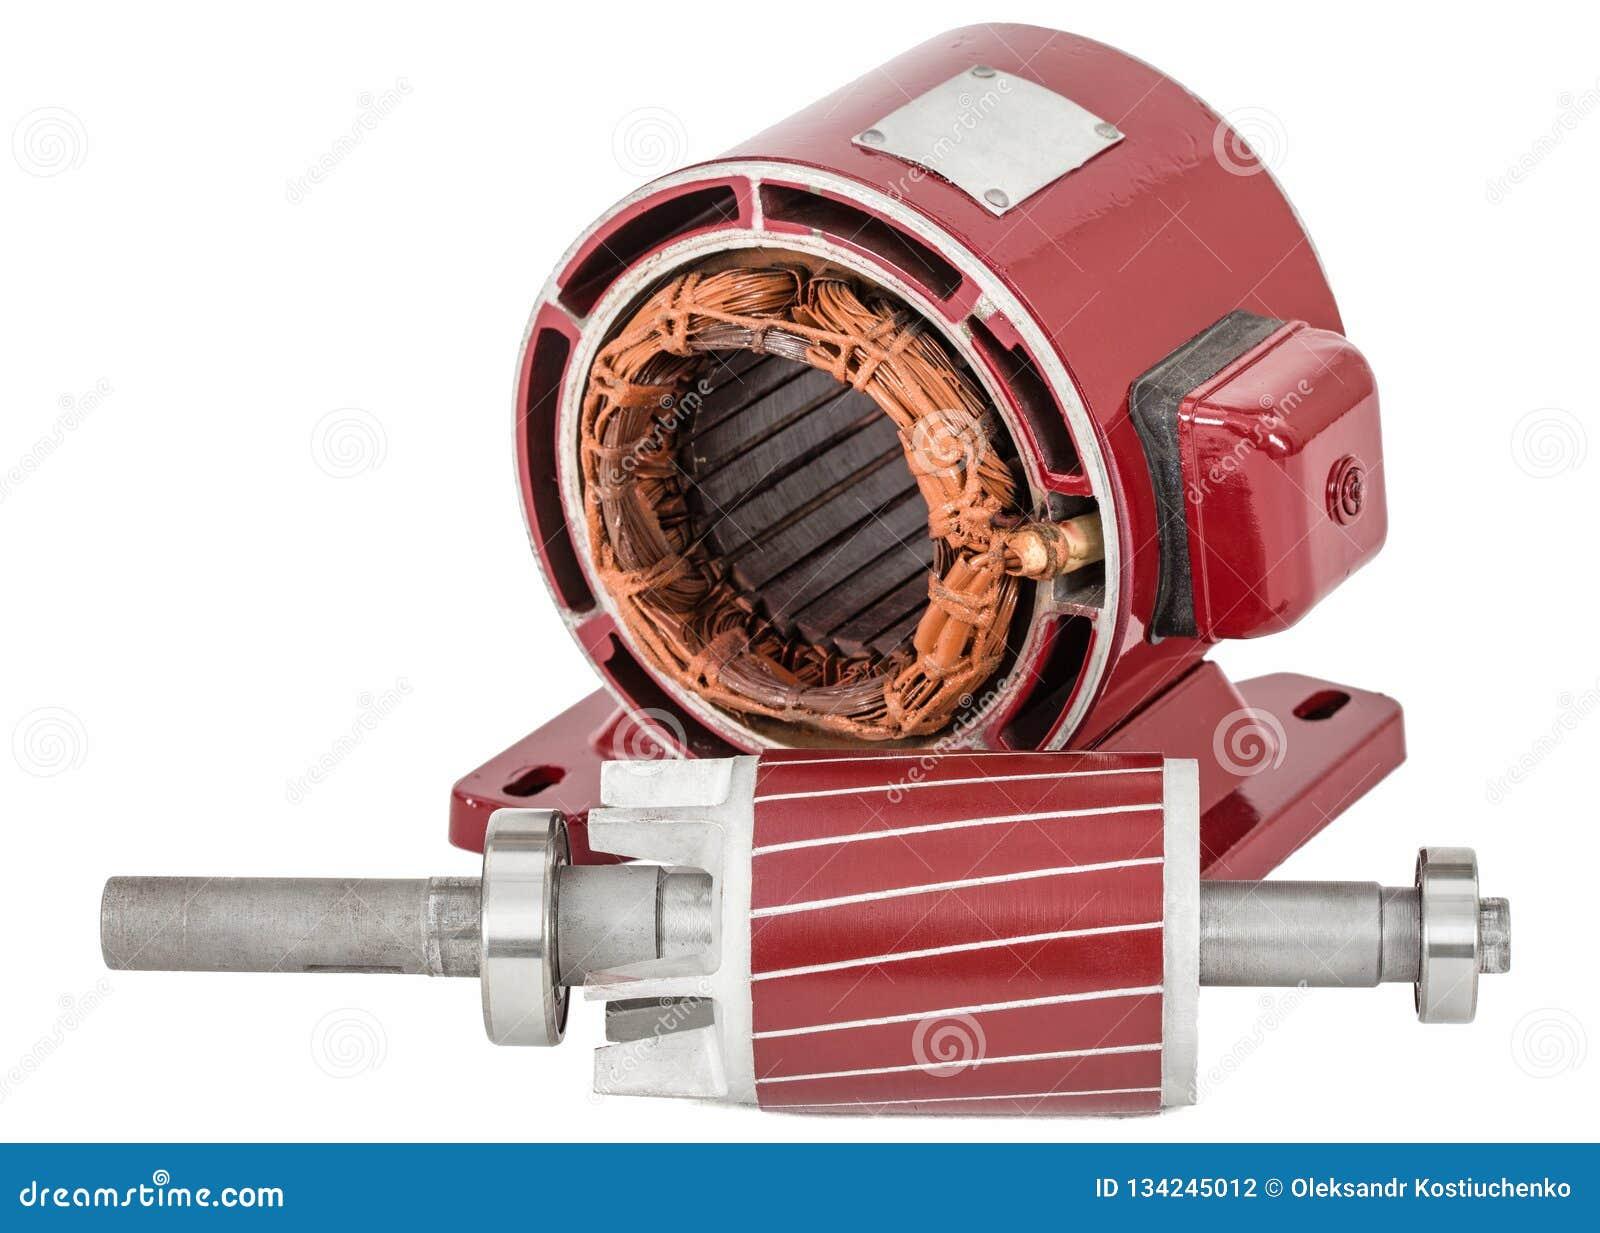 Rotor e estator do motor elétrico, isolados no fundo branco